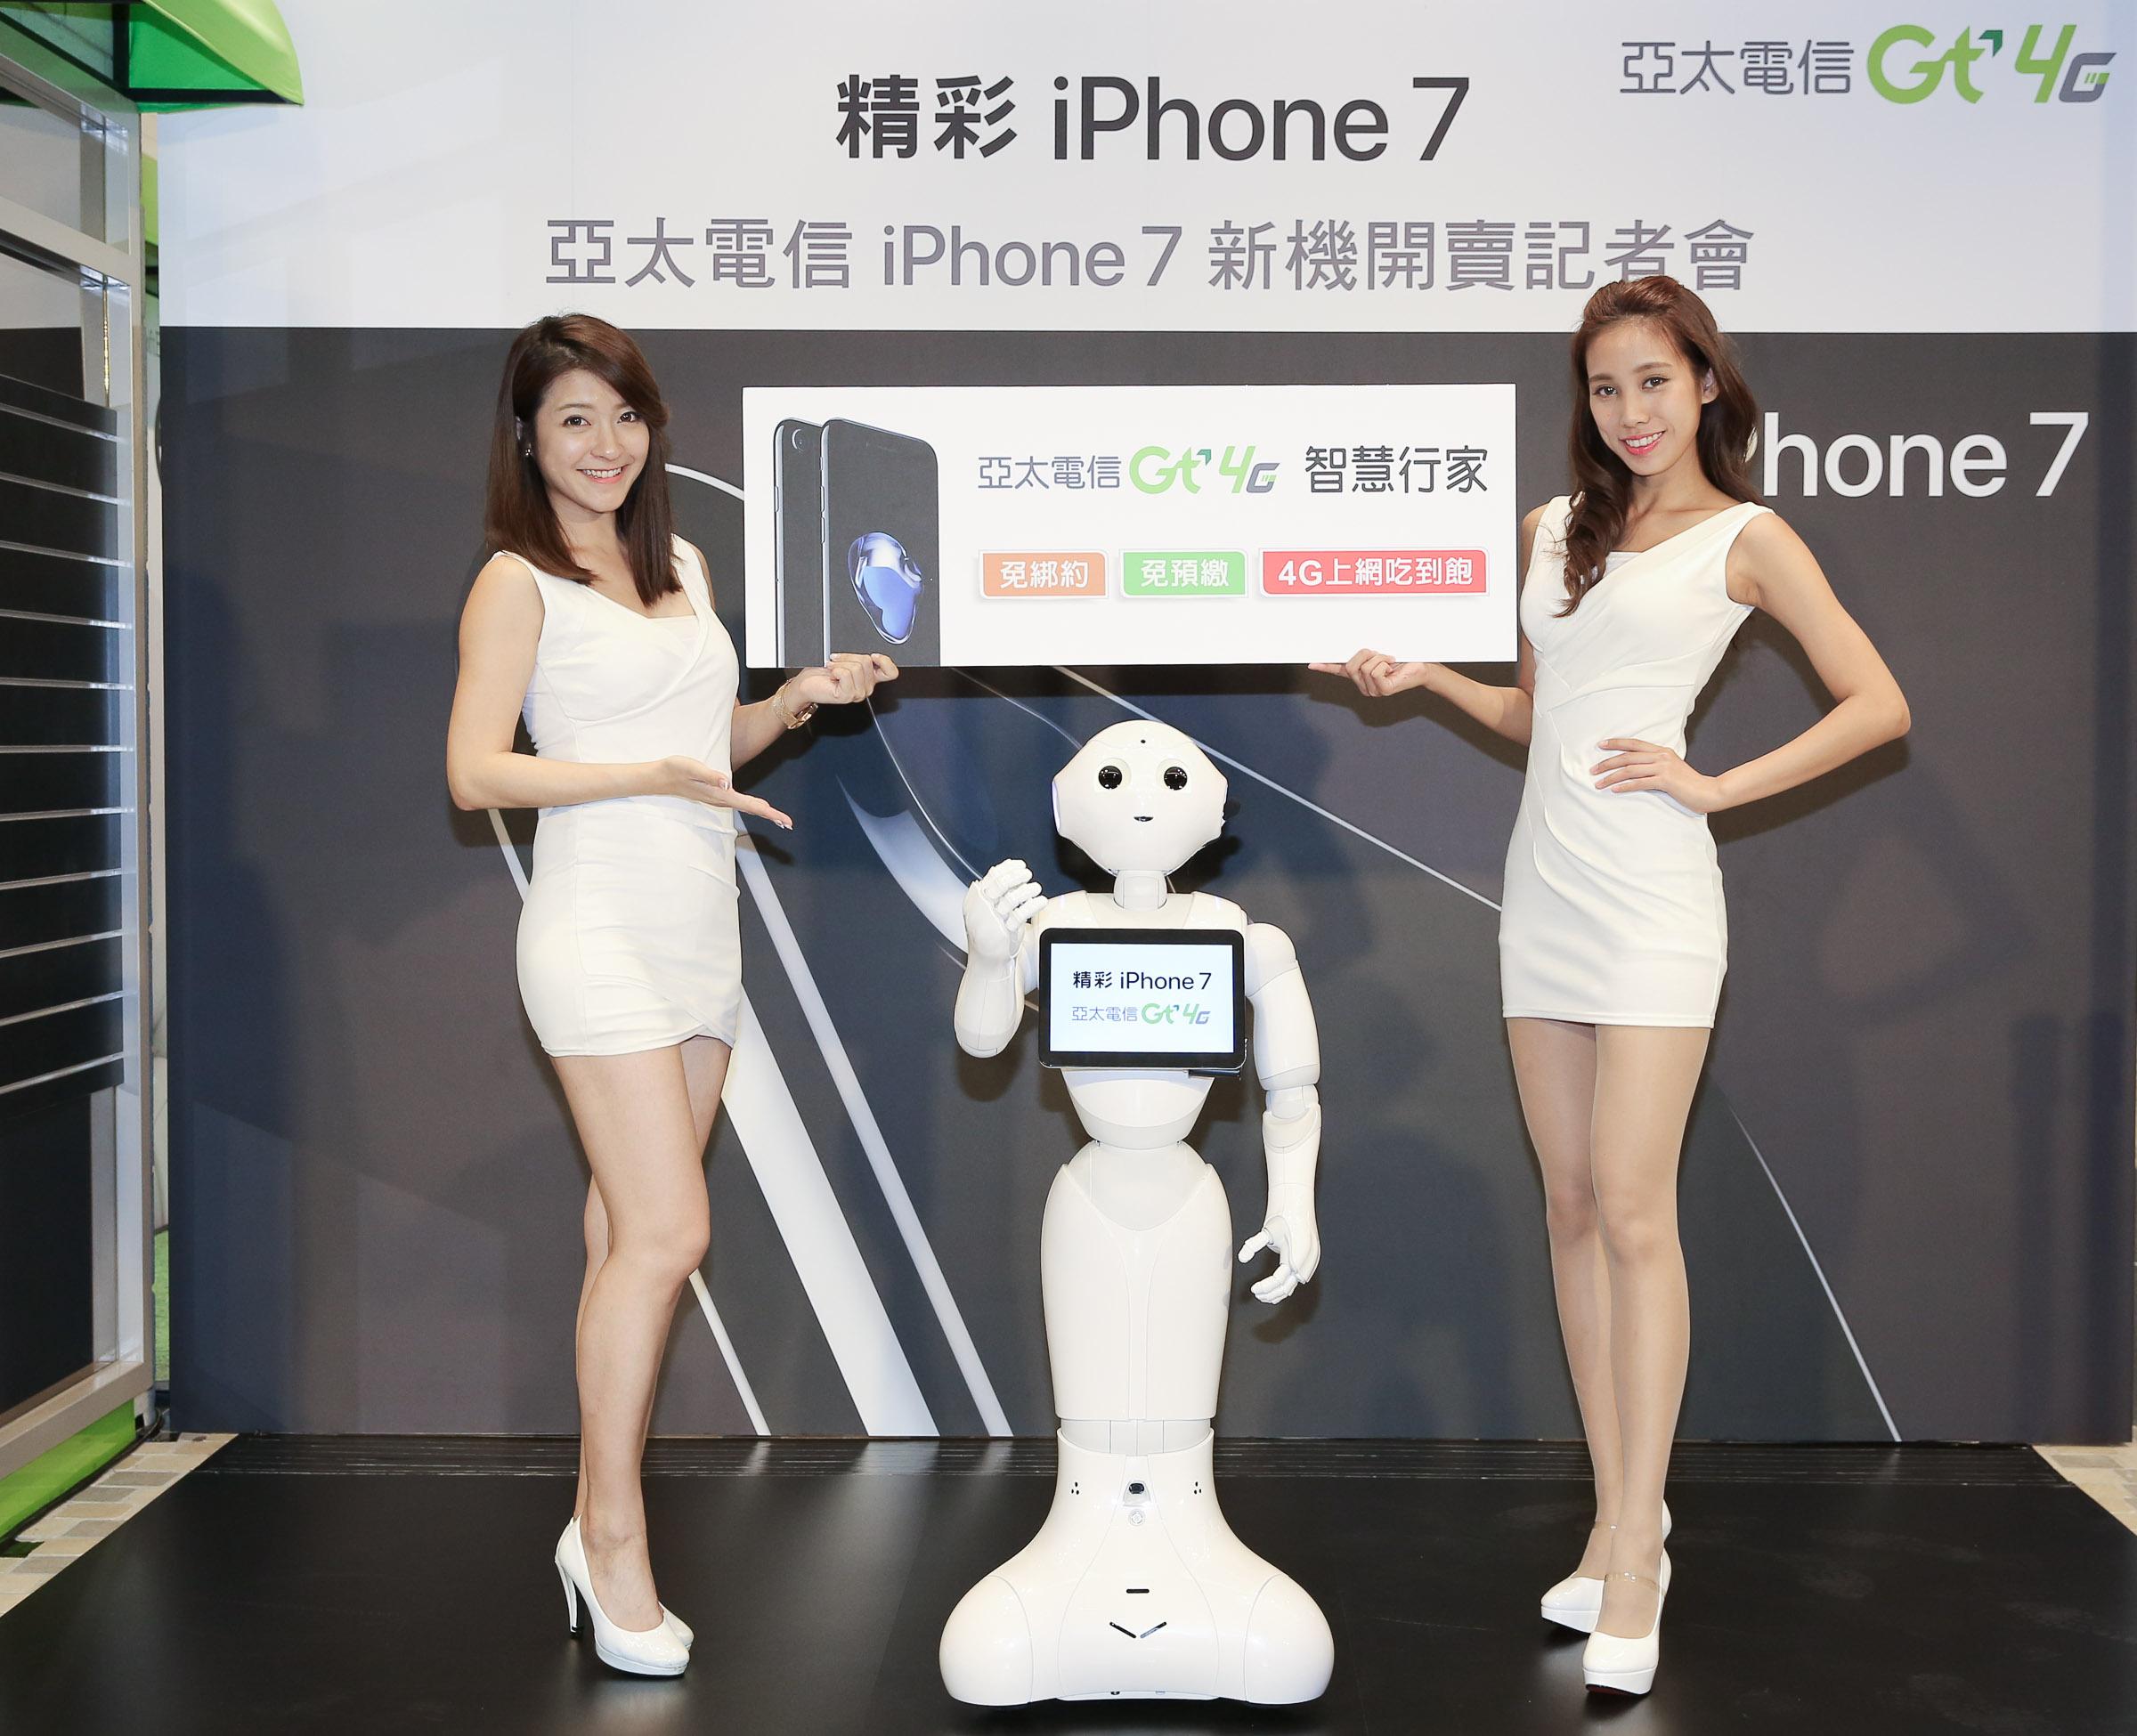 亞太電信IPHONE 7開賣 PEPPER擔任一日店長